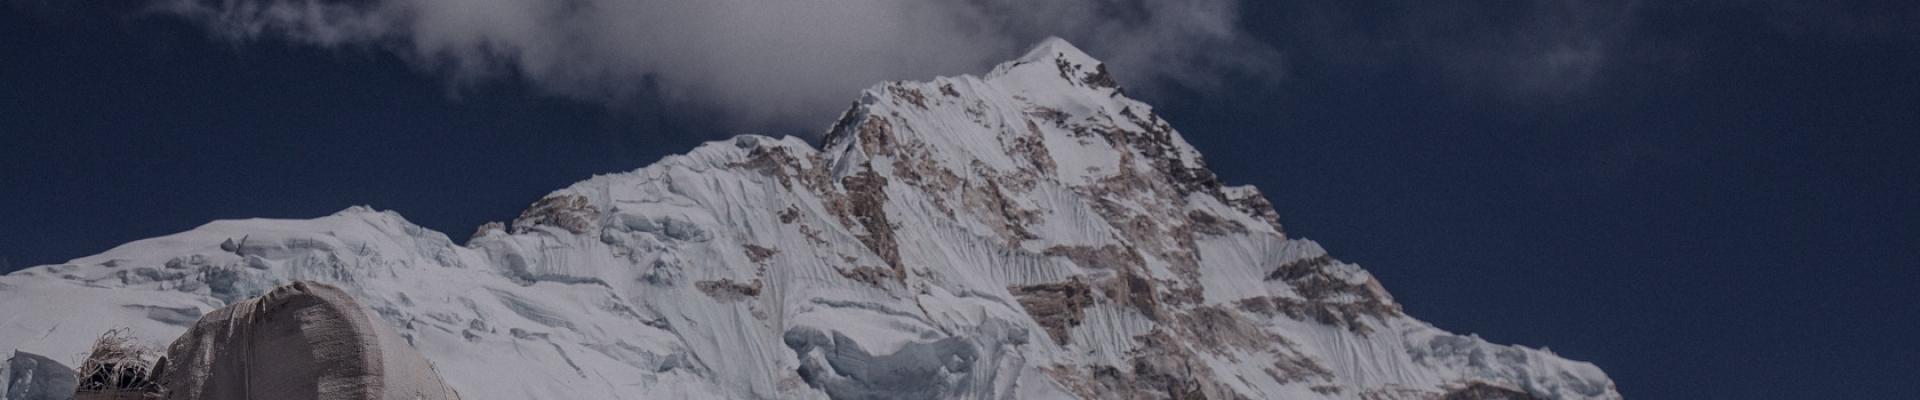 Snow treks in Himachal Pradesh, India